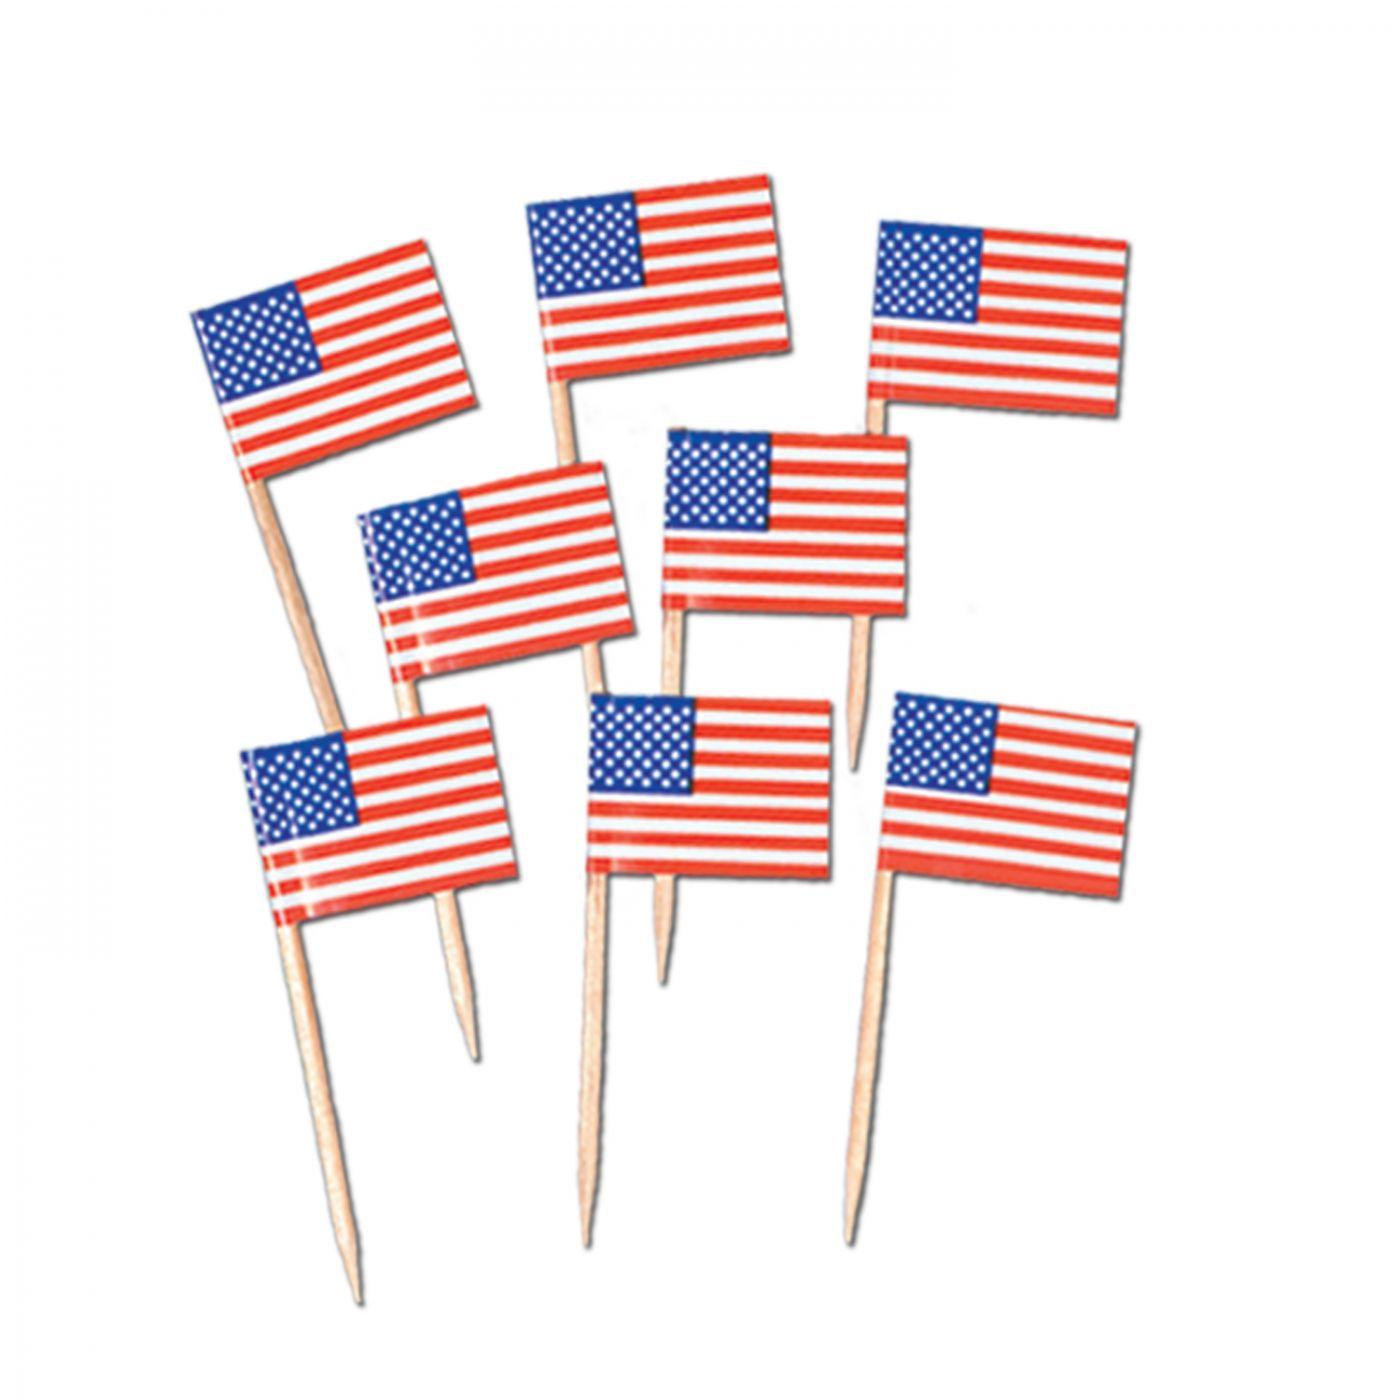 Pkgd U S Flag Picks image